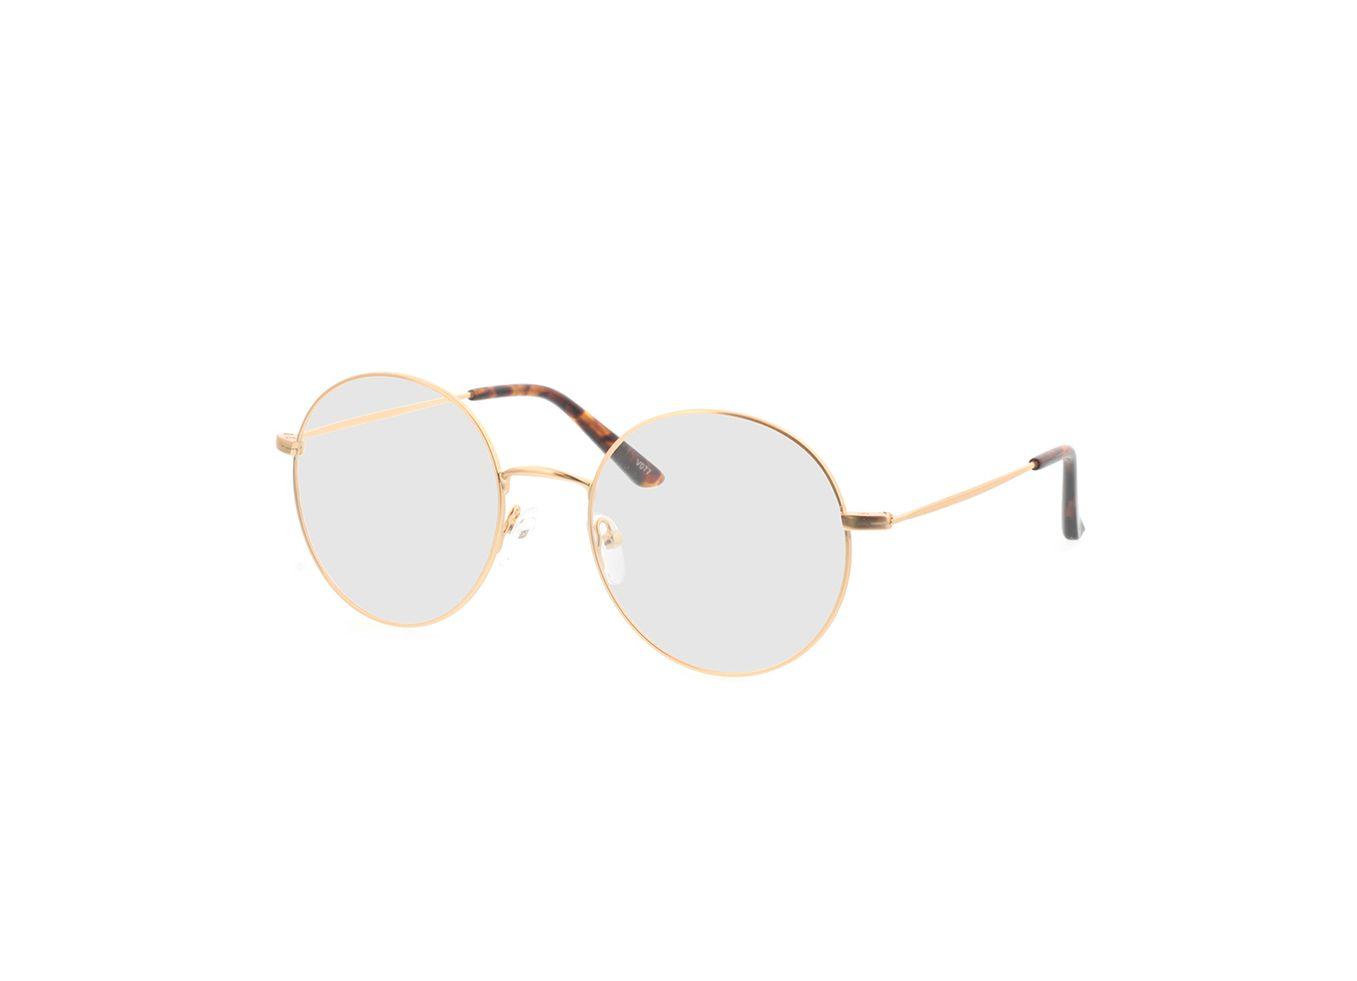 4250325291232-singlevision-0000 Orsa-gold Gleitsichtbrille, Vollrand, Rund OMNIO by Brille24